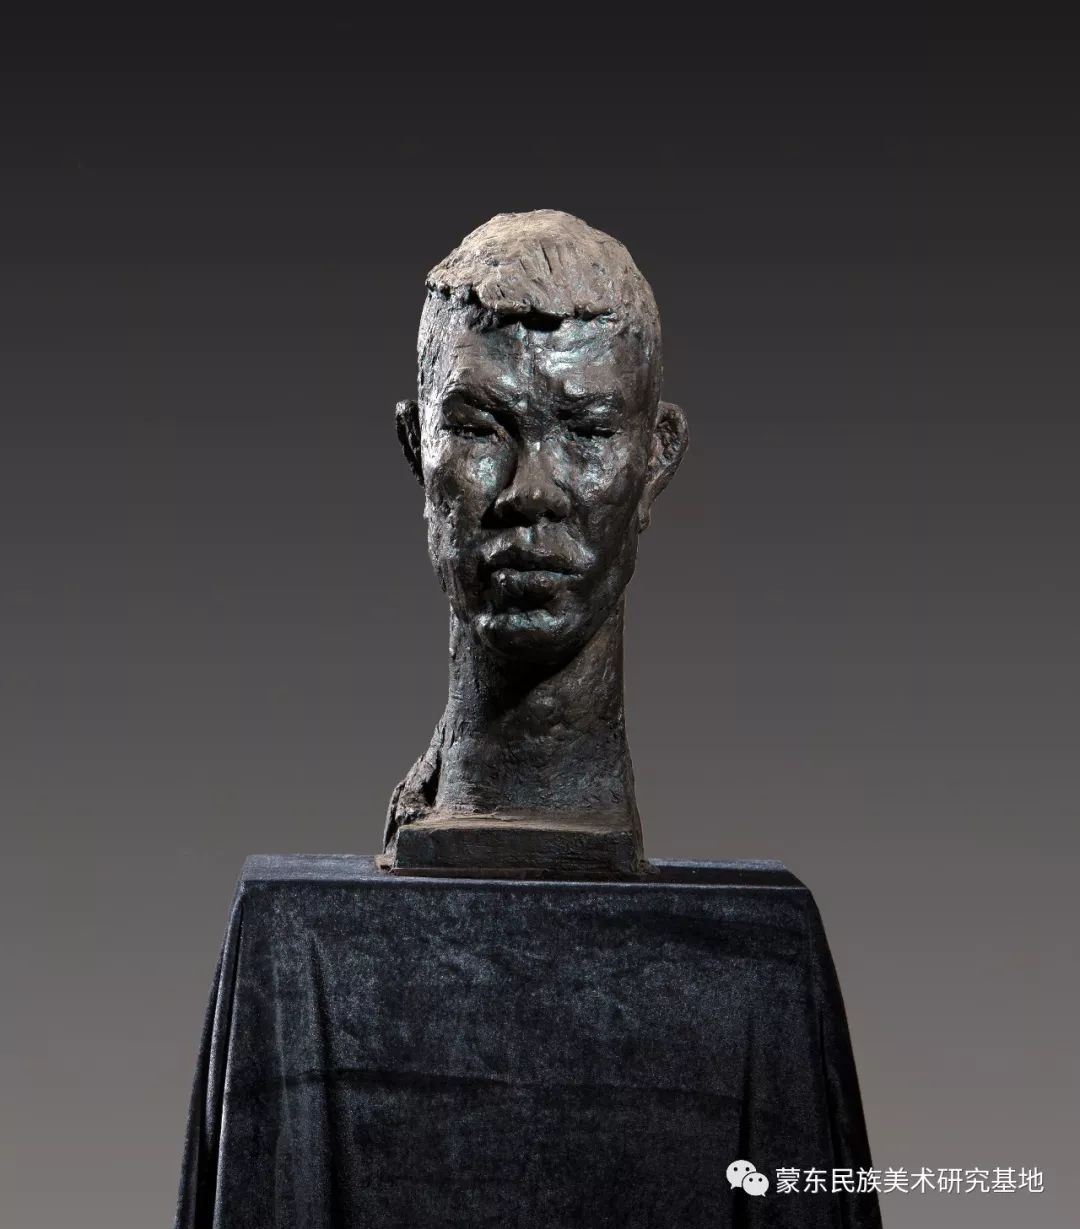 包格日乐吐作品——头像雕塑系列(二) 第1张 包格日乐吐作品——头像雕塑系列(二) 蒙古画廊